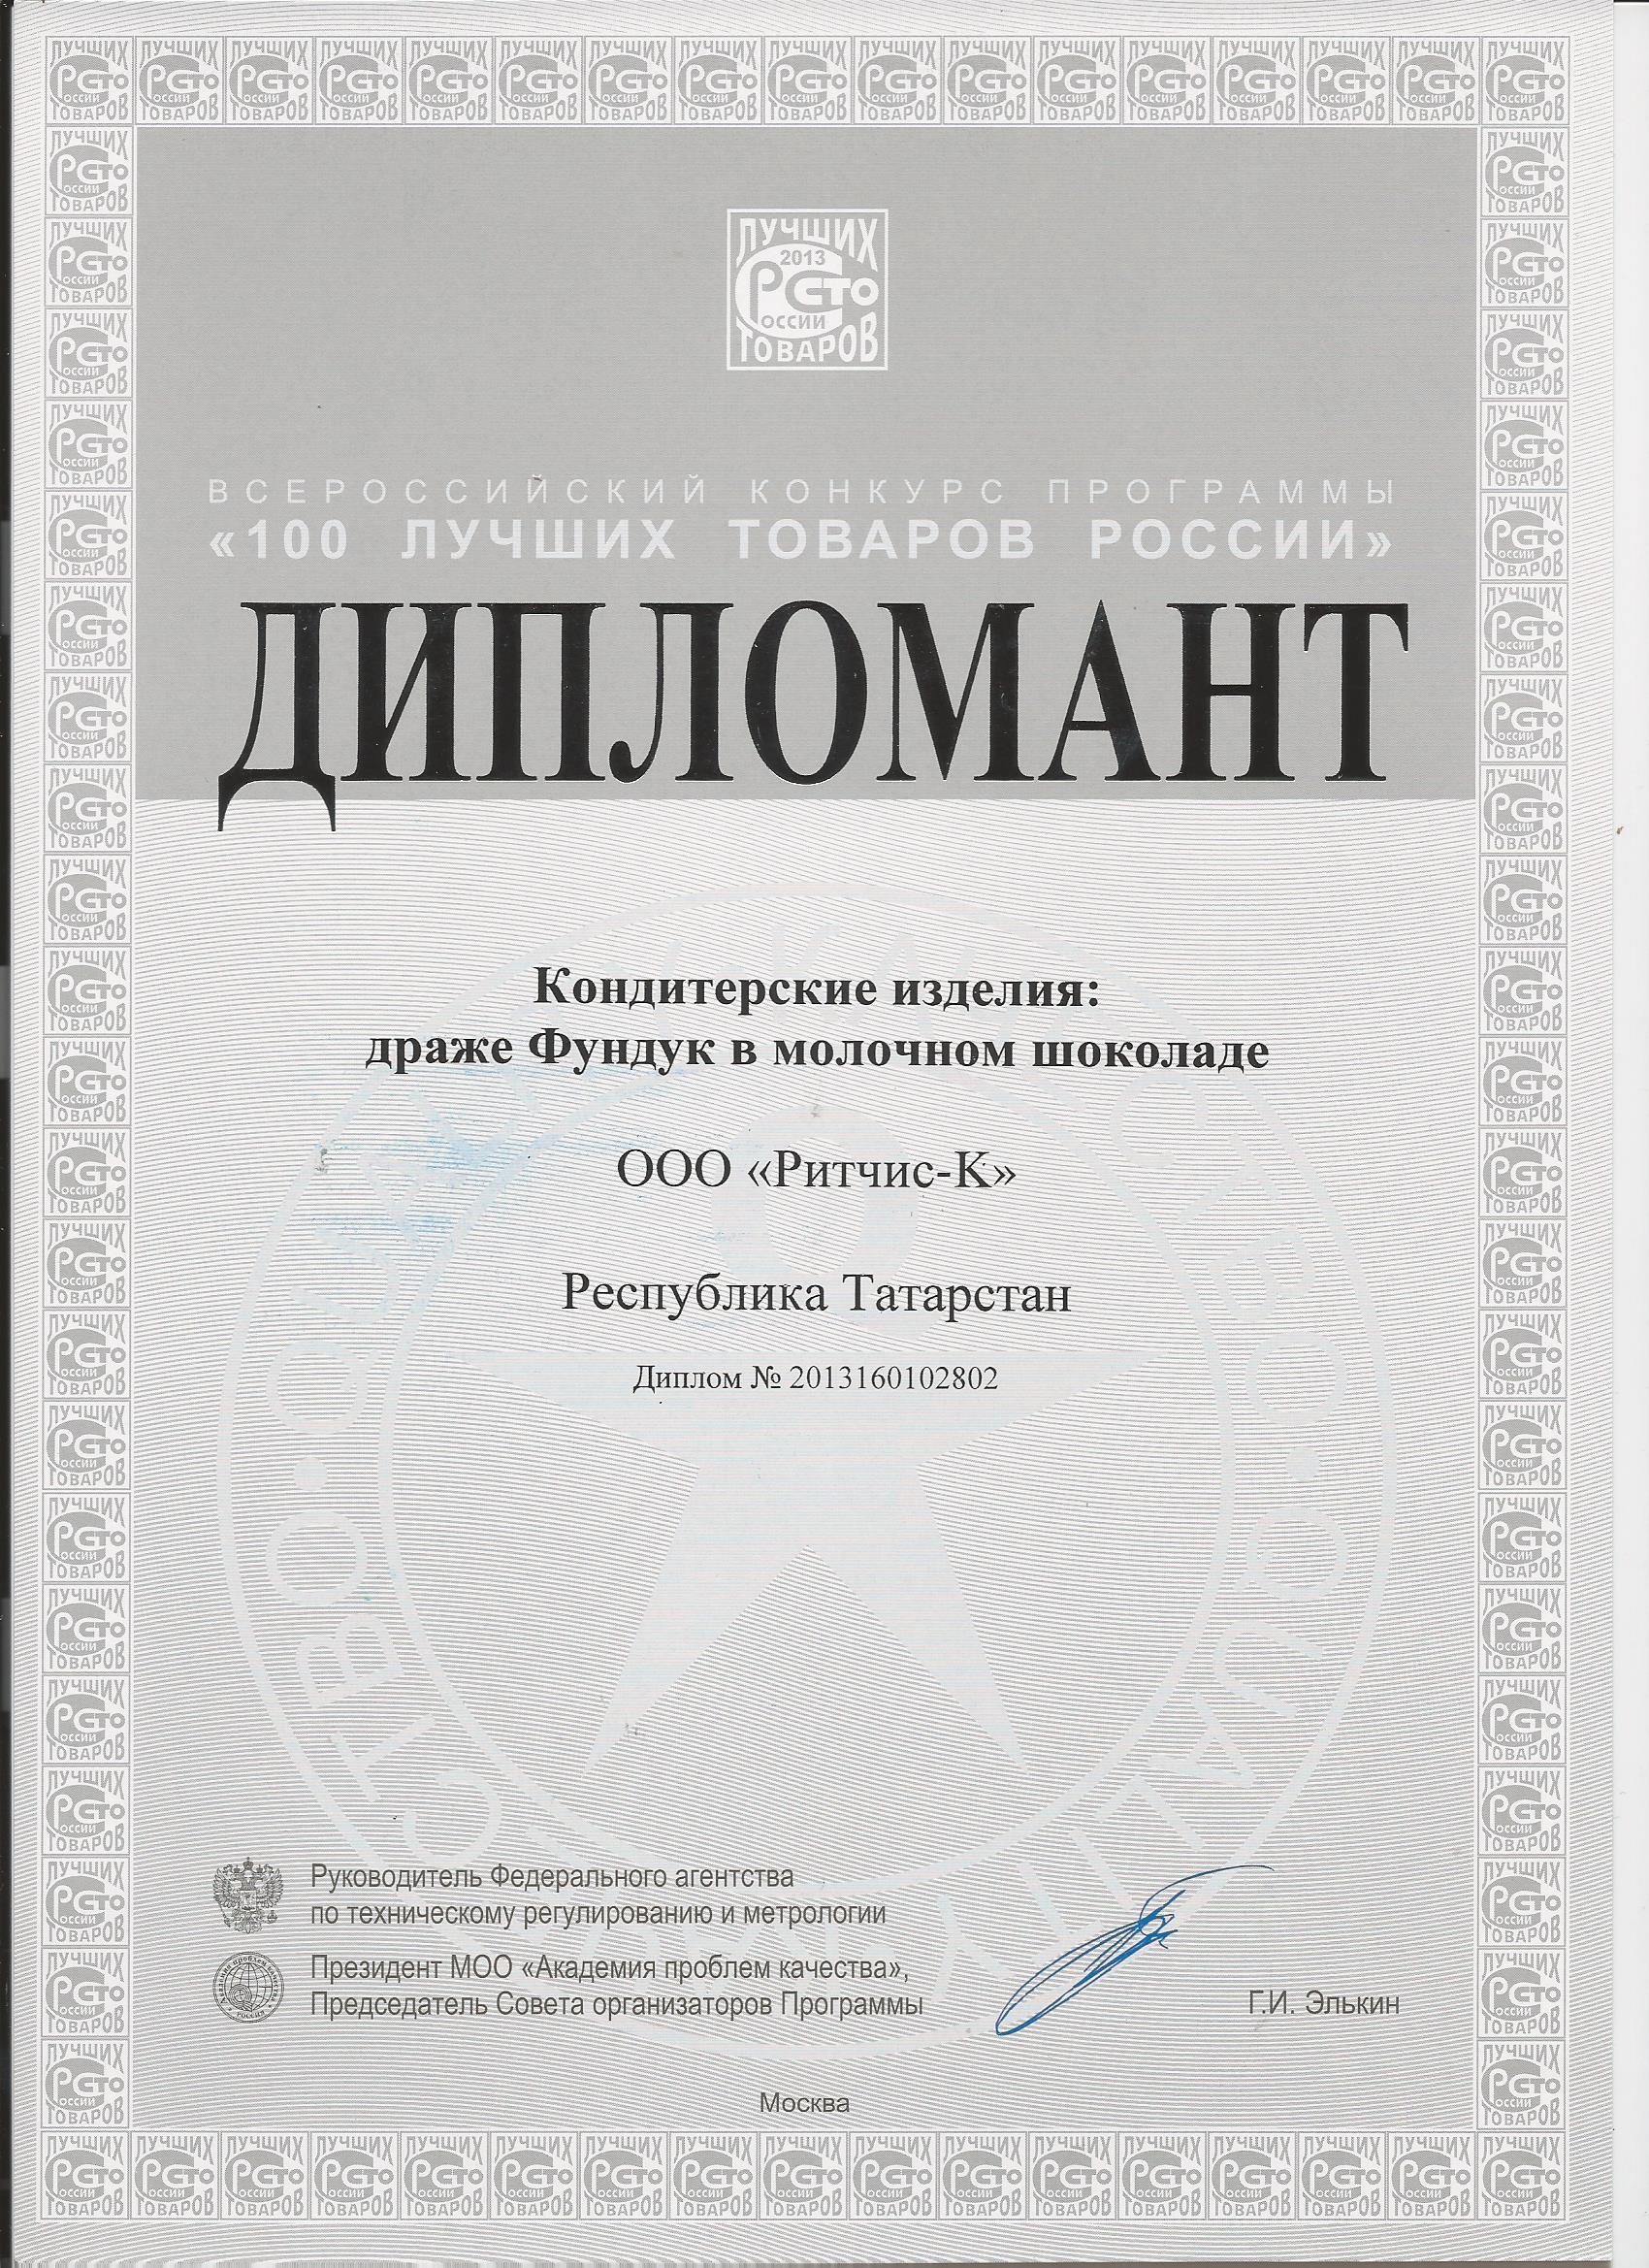 диплом 100 лучших товаров года